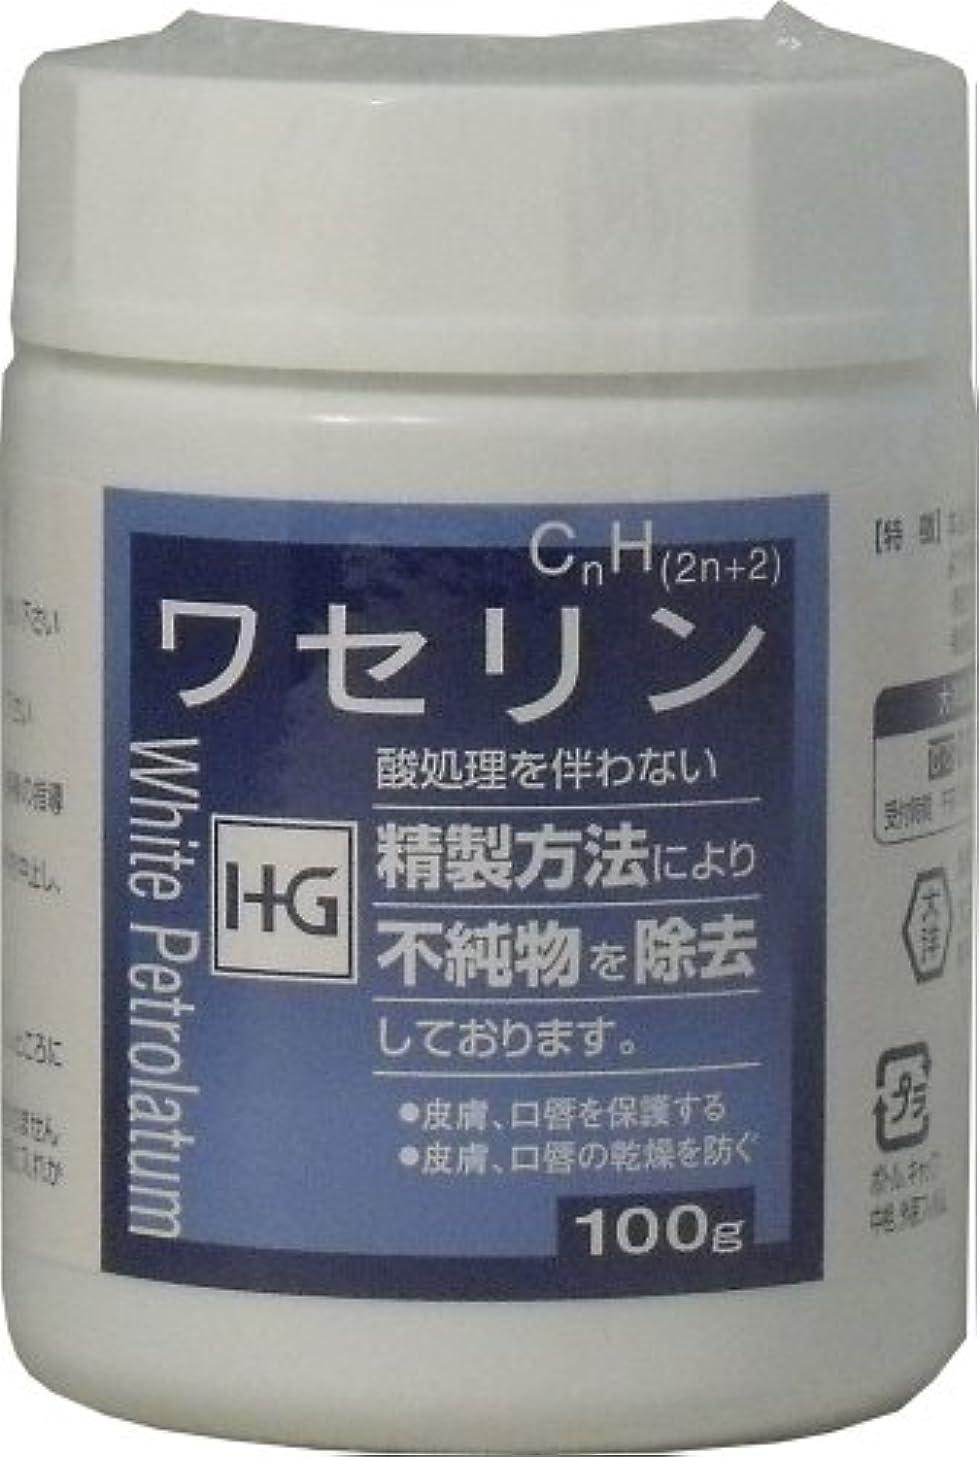 困惑減衰プール皮膚保護 ワセリンHG 100g ×3個セット